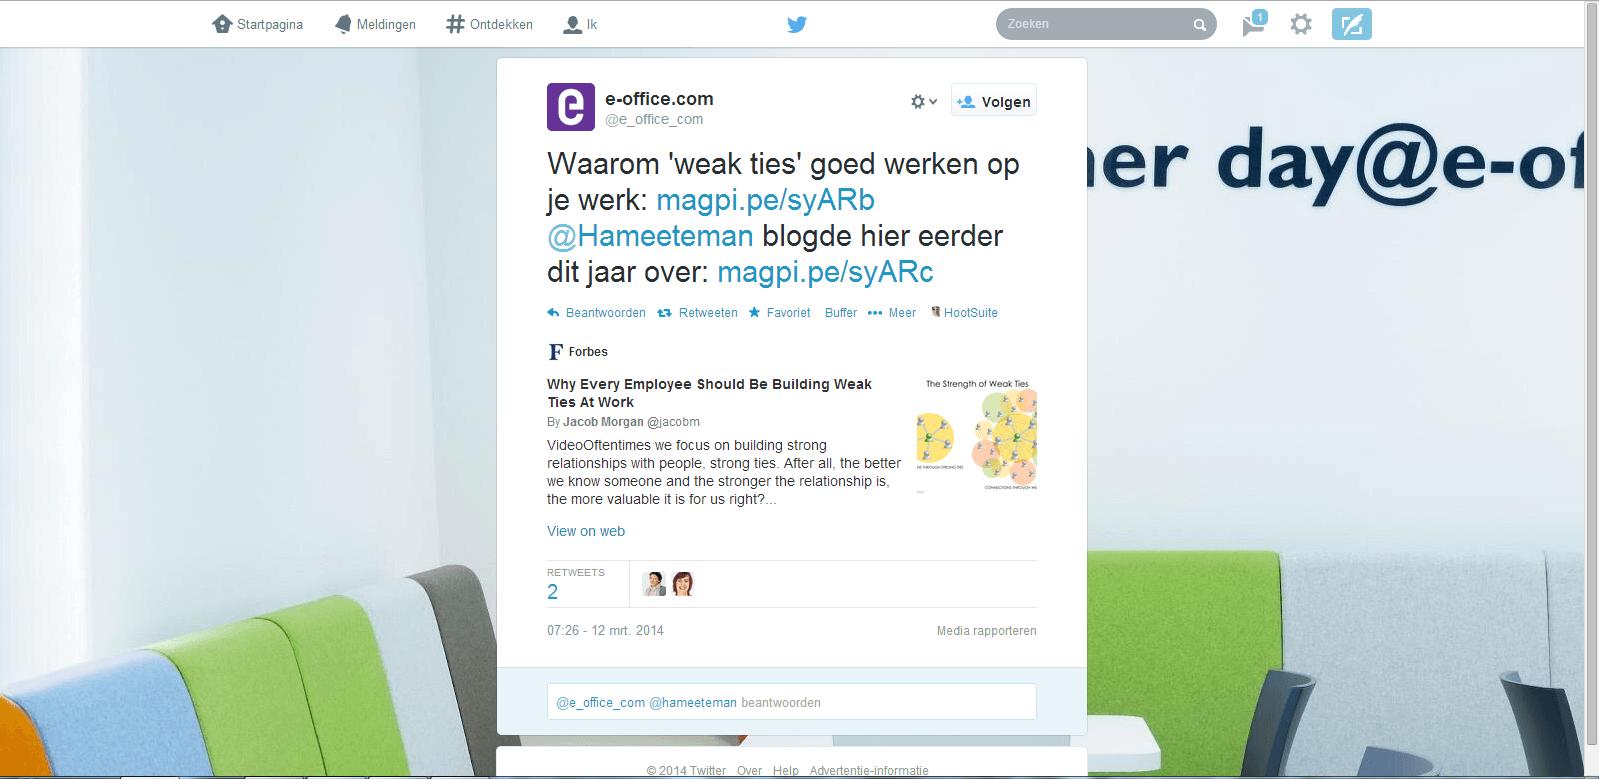 e-office content curation begint met een tweet